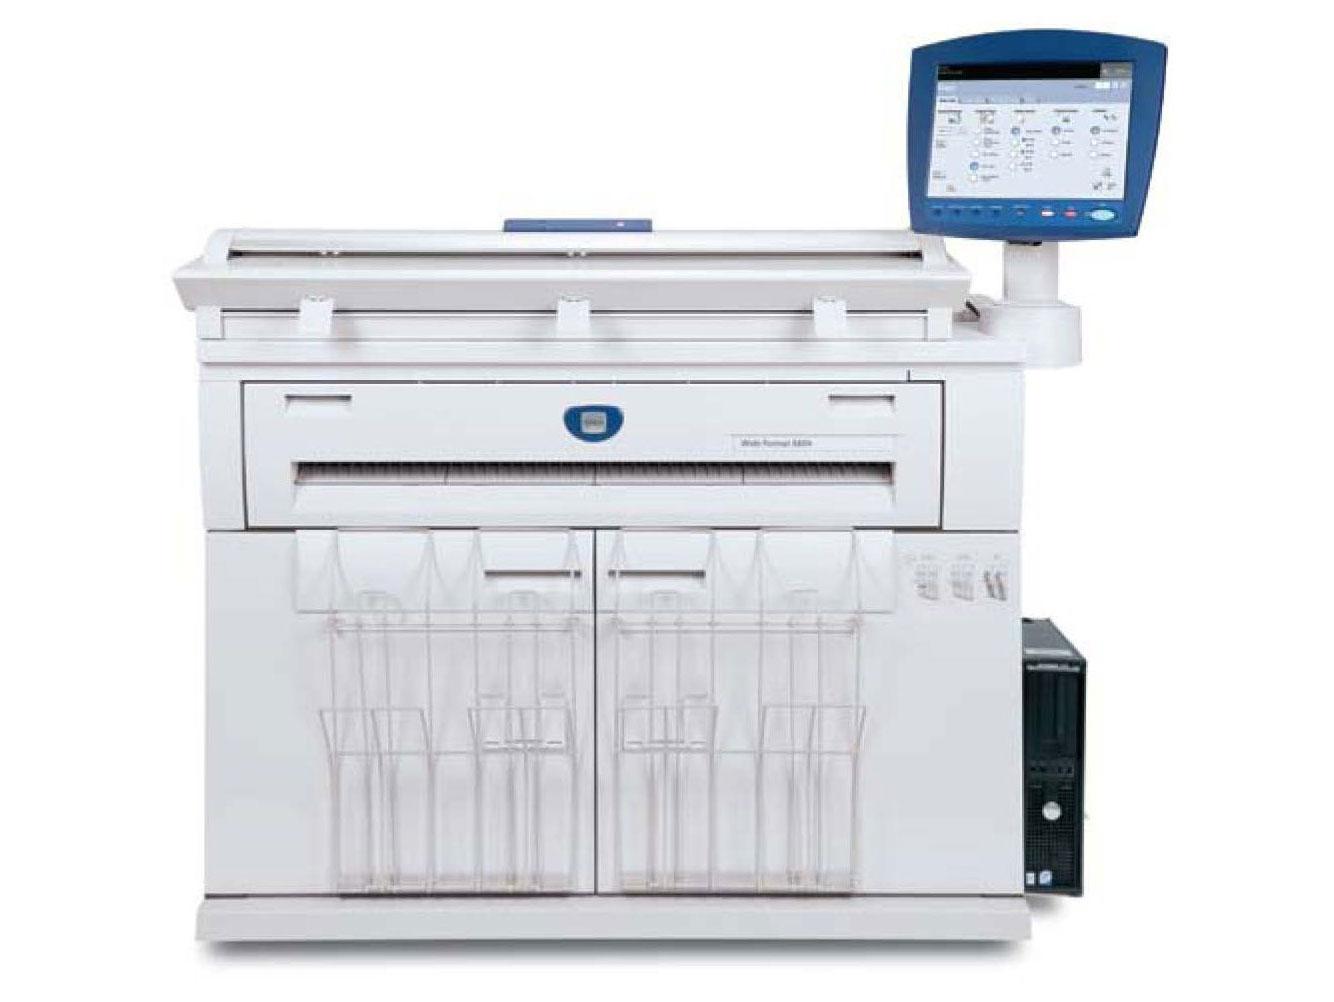 Precio Xerox 6605